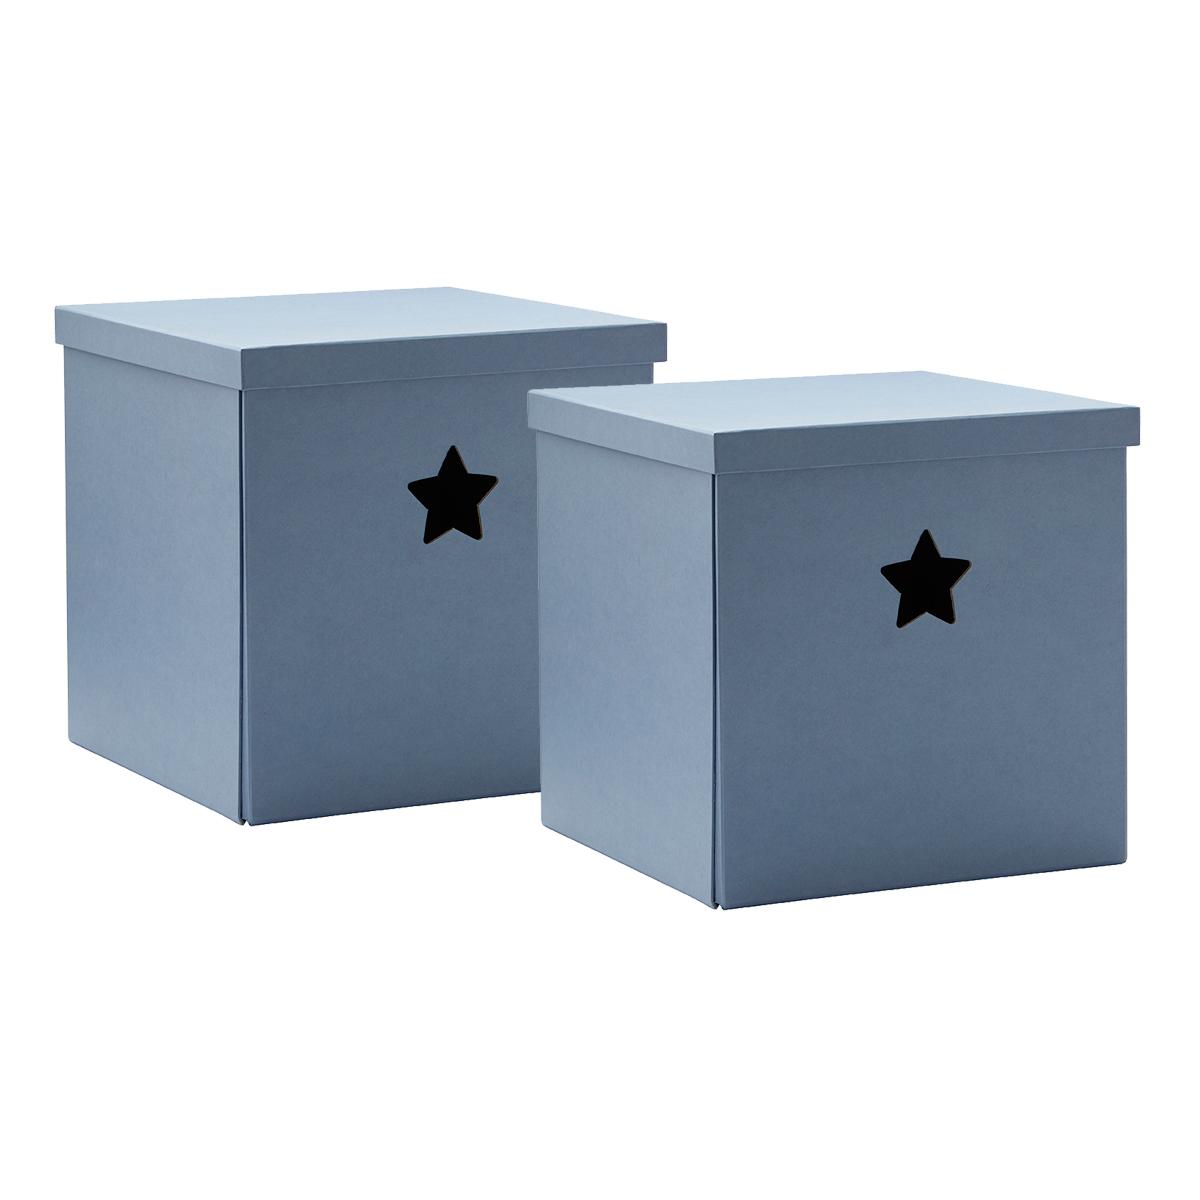 Image of   Kids Concept opbevaringskasser - Star - Blå - 2 stk.